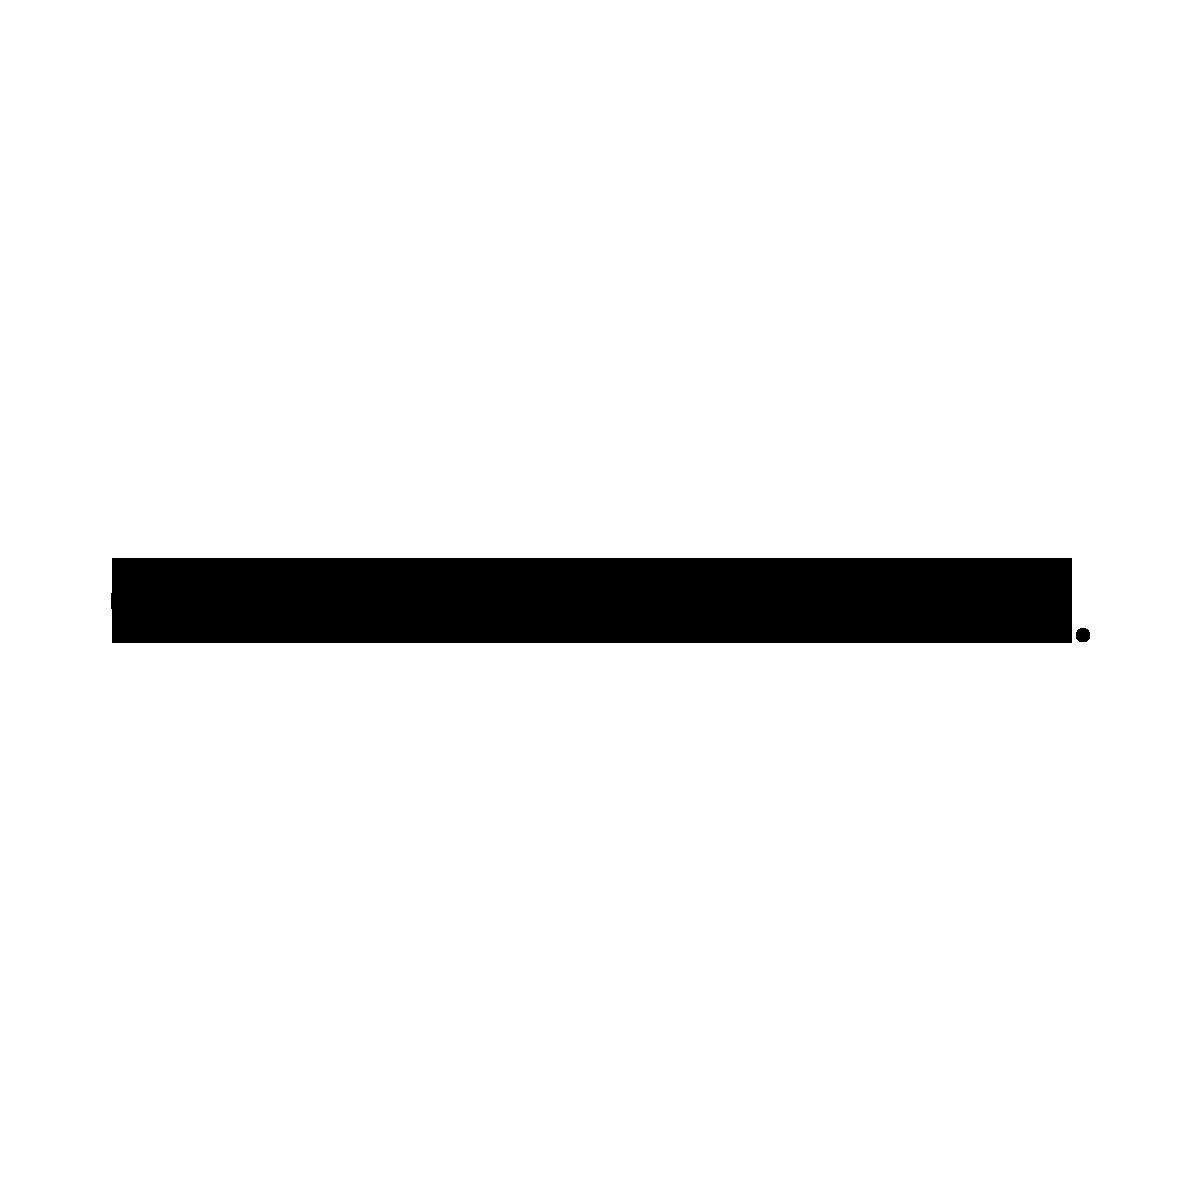 Schultertasche per Hand geschliffenes Leder Olive